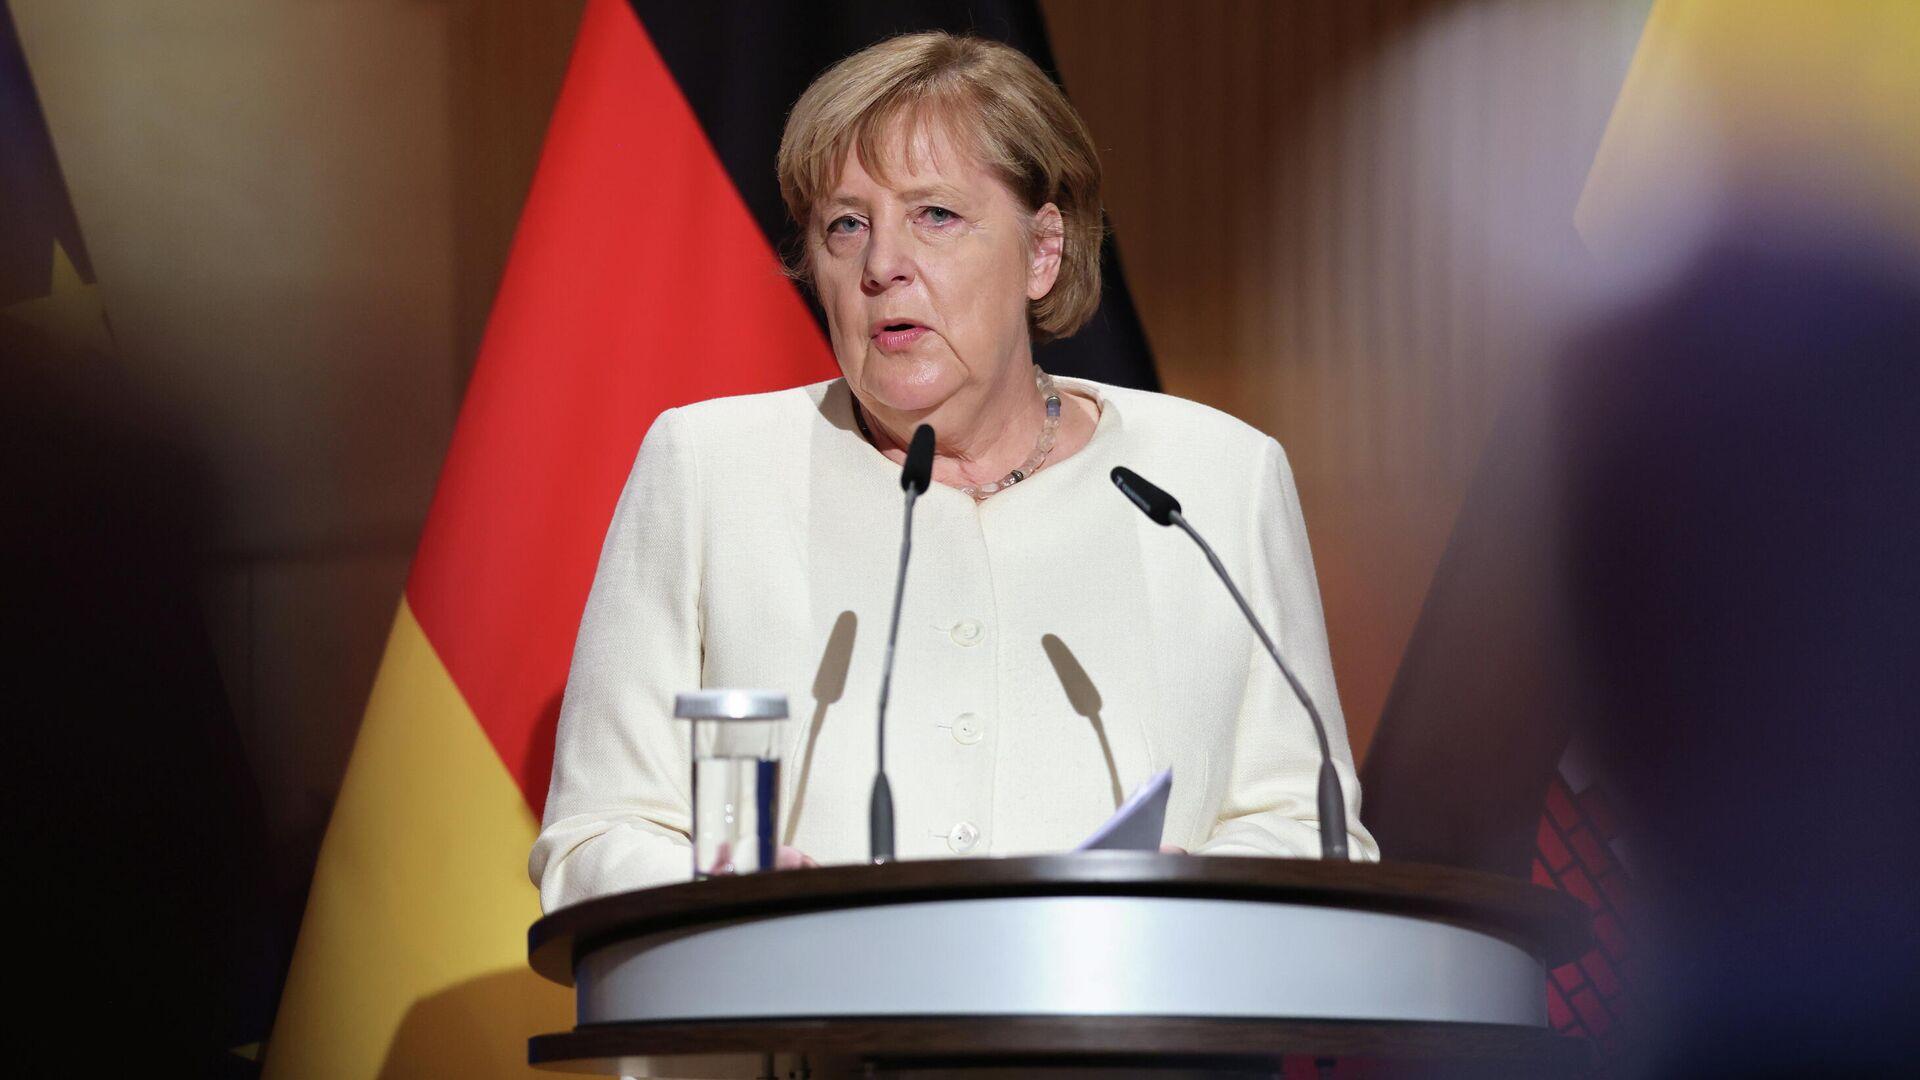 Merkel hält die Rede in Halle, 3.Oktober 2021 - SNA, 1920, 12.10.2021